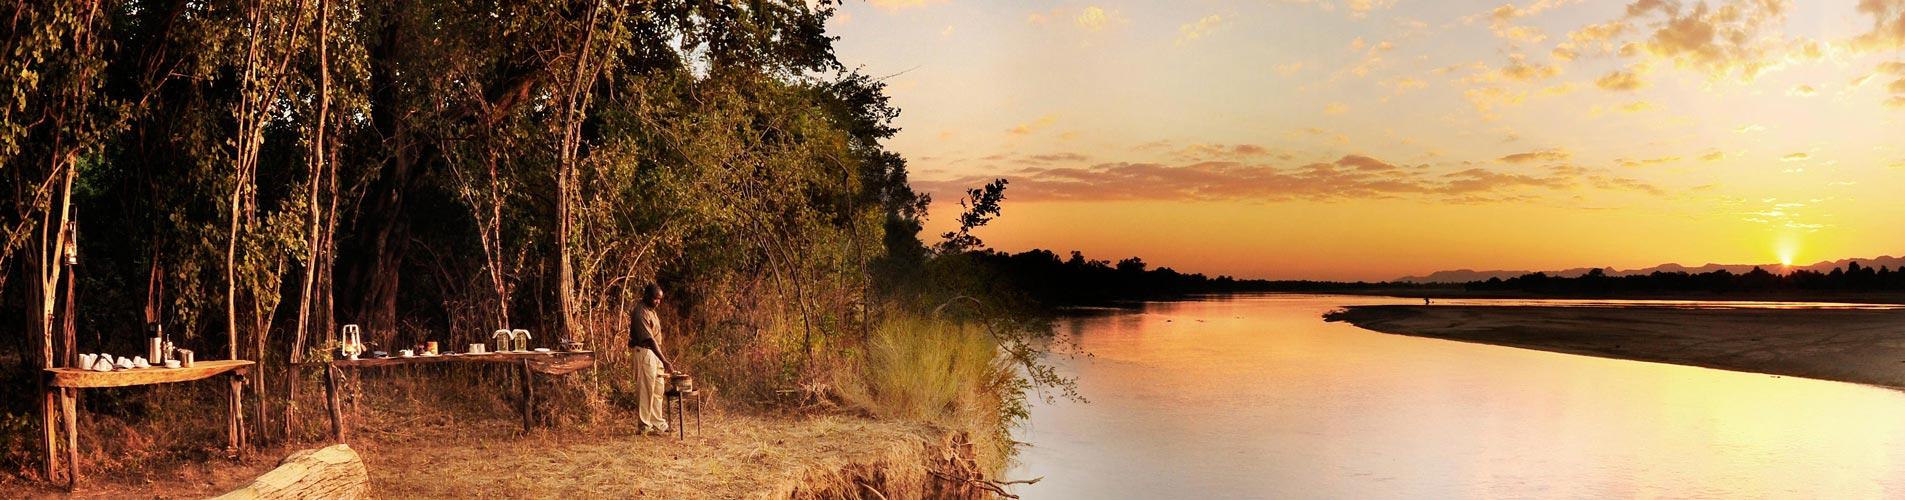 Zambia Safari Bilimungwe Breakfast spot